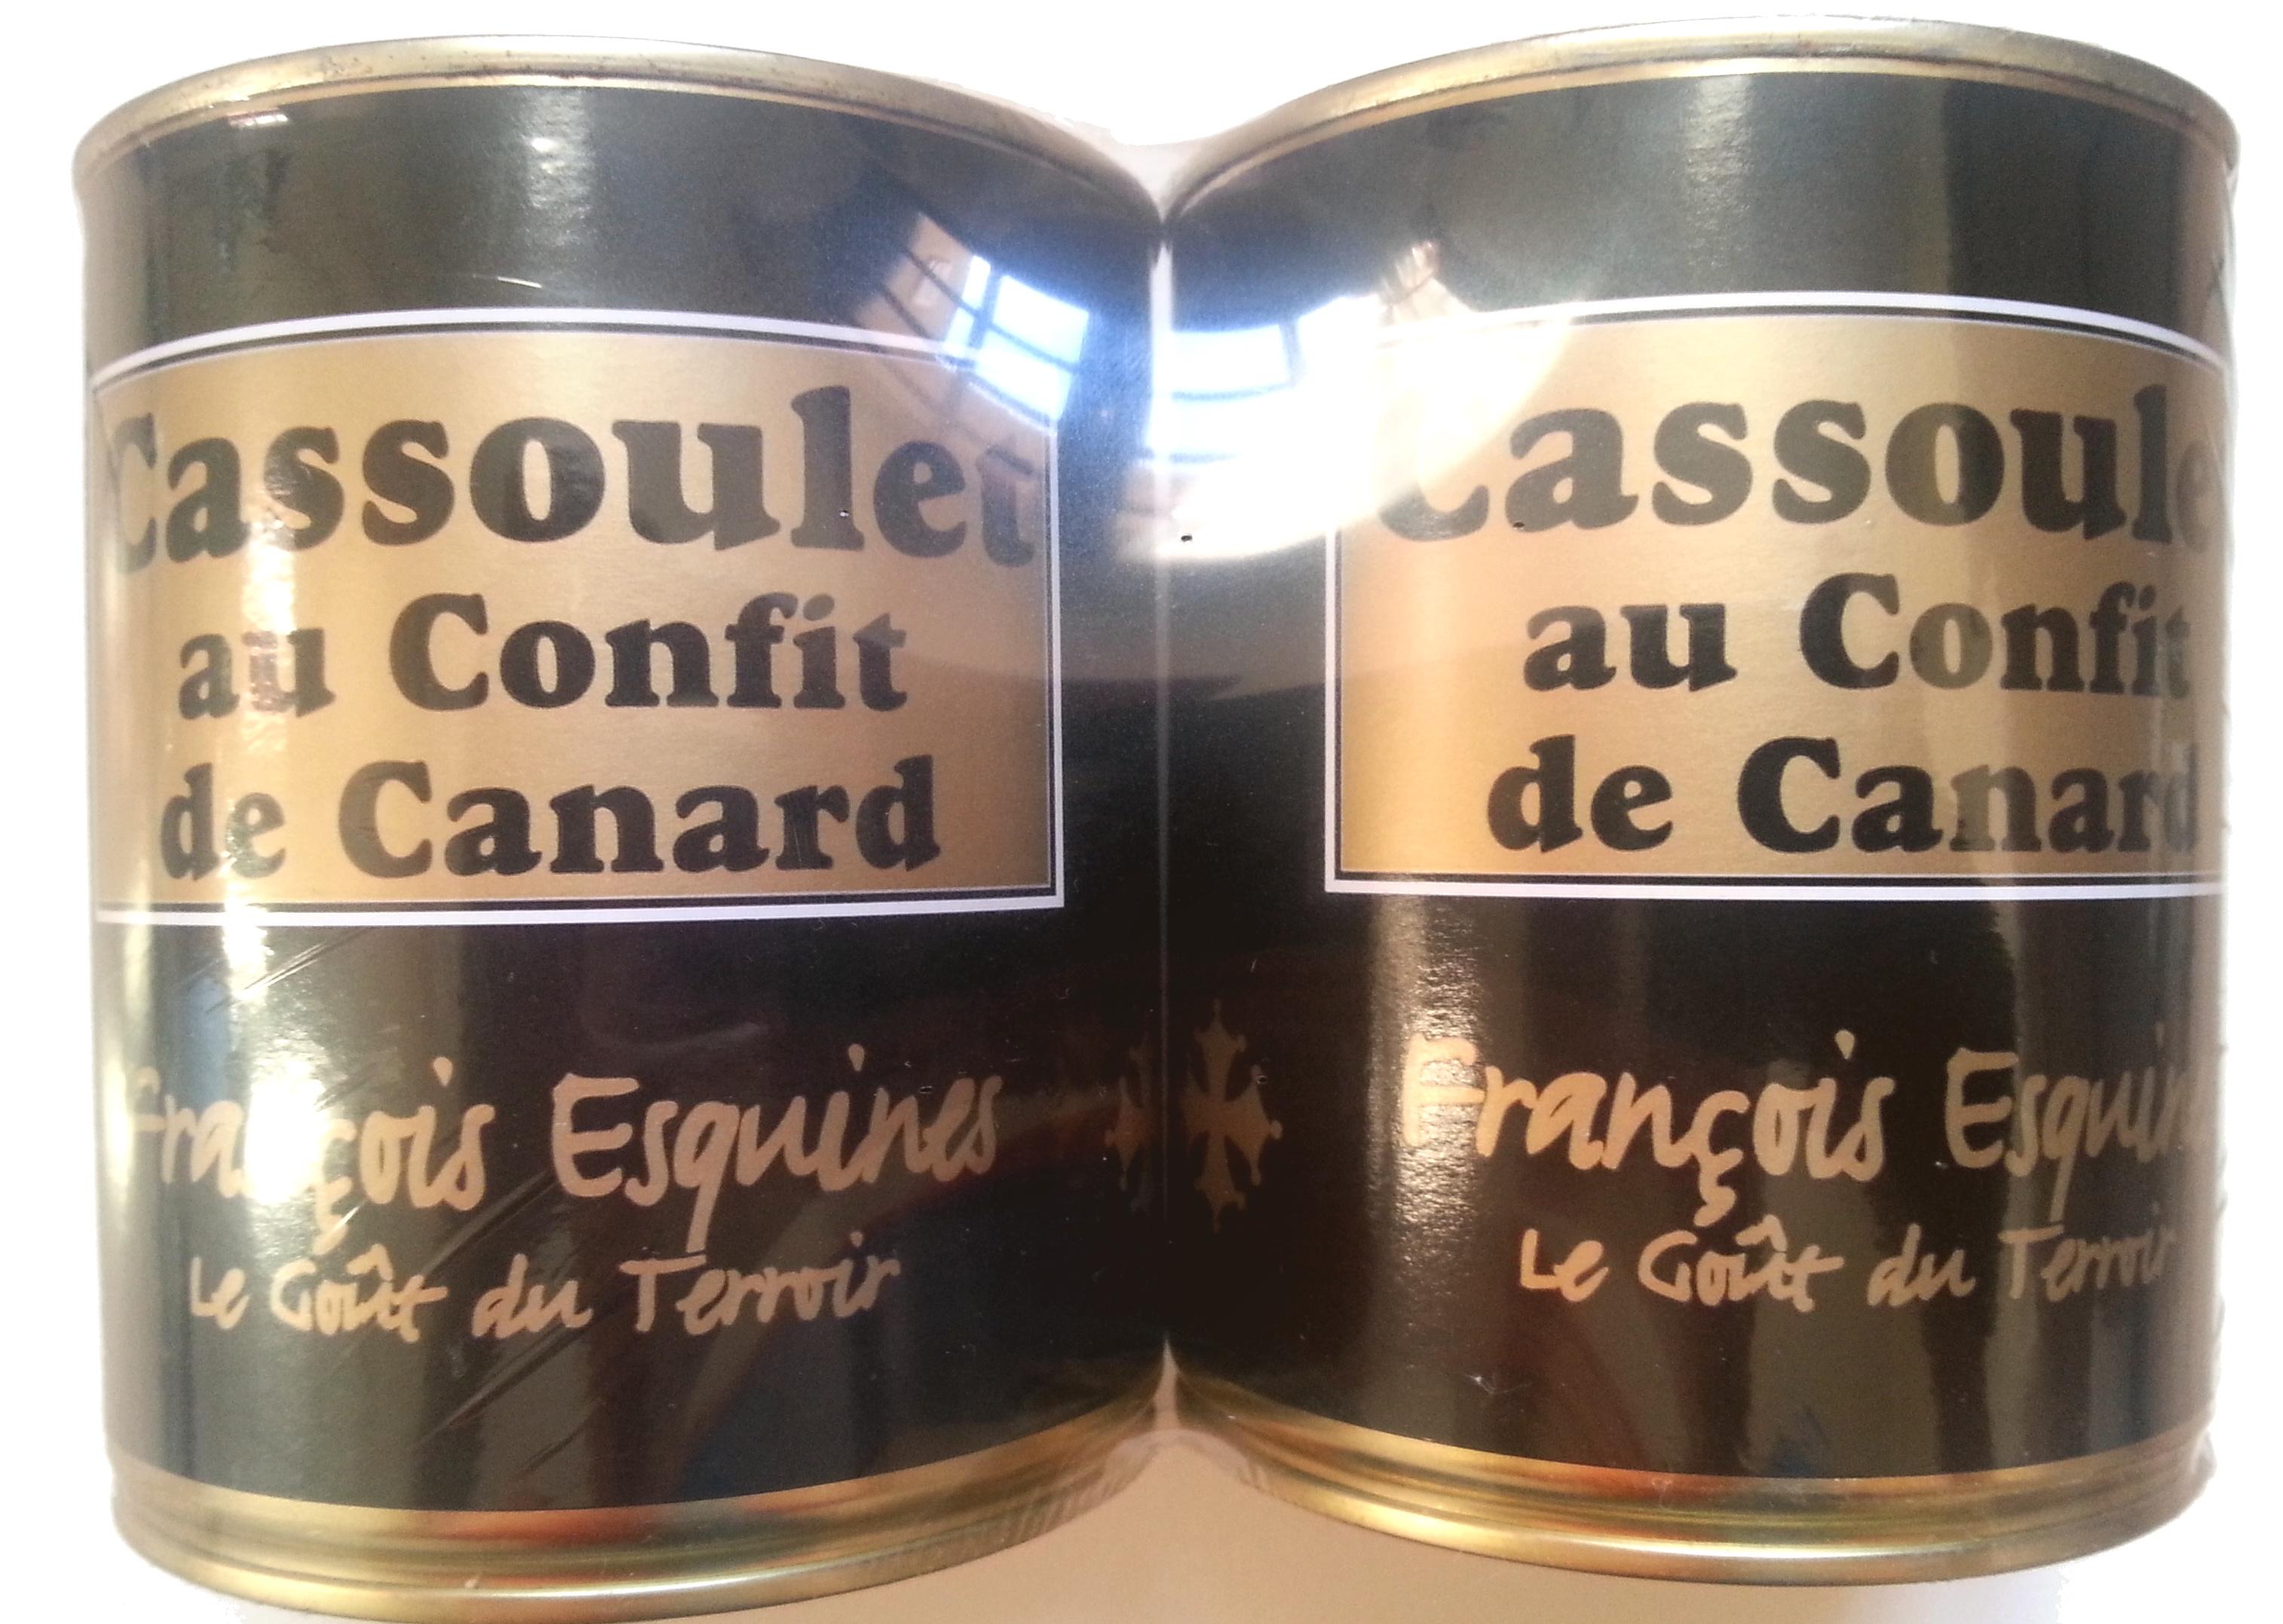 Cassoulets au Confit de Canard (Lot de 2) - Produit